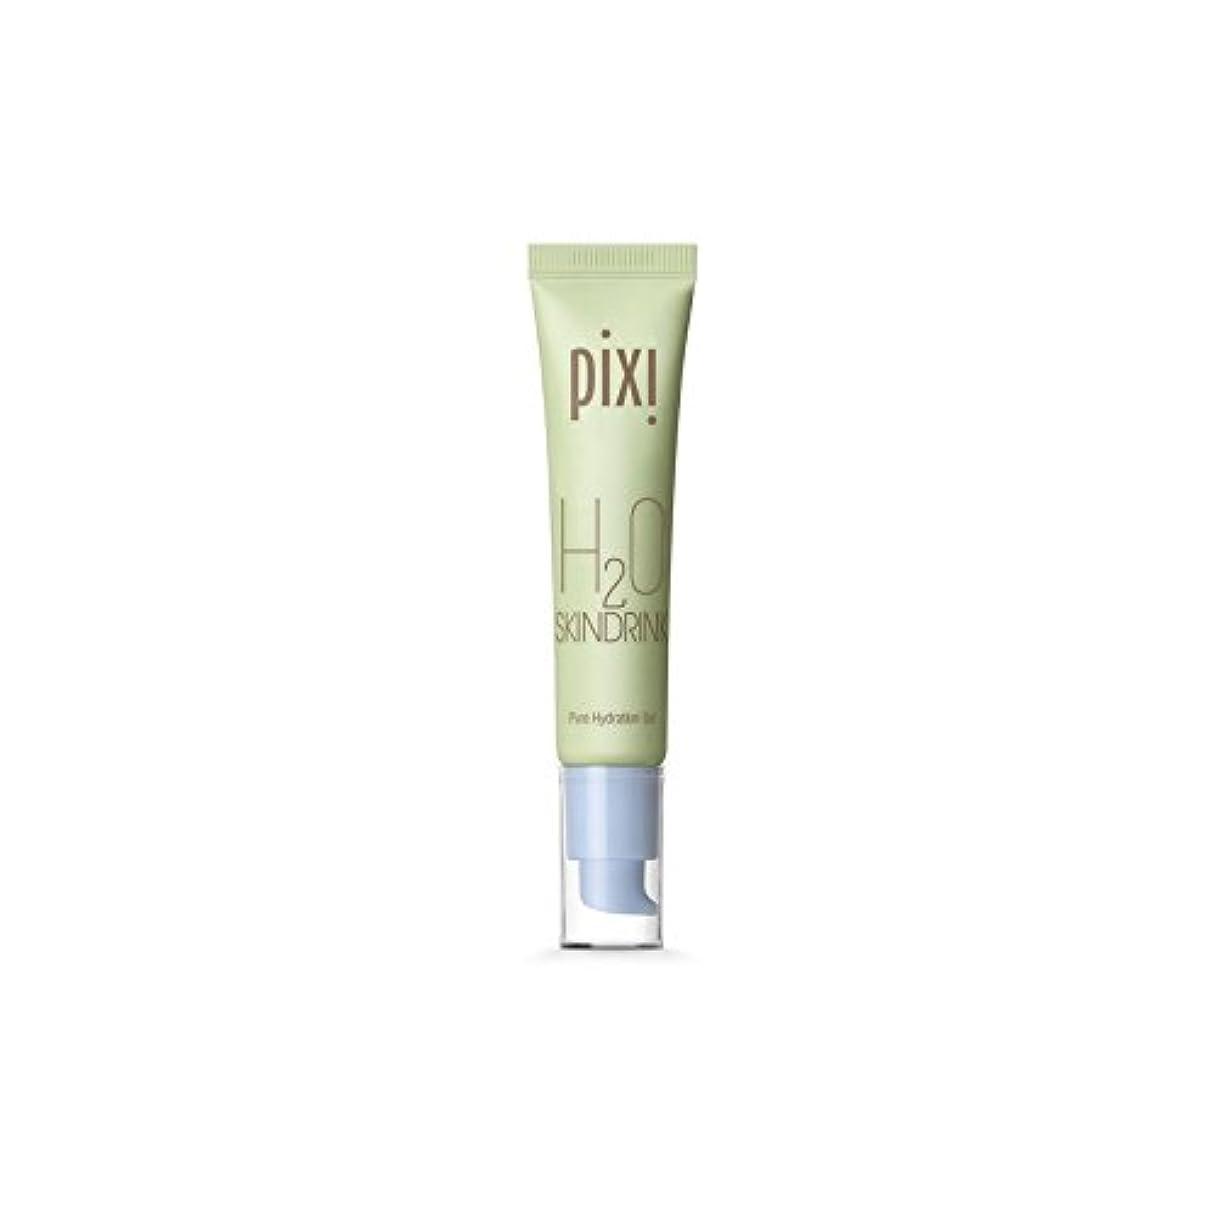 入り口マウスピース地上で20スキンドリンク x2 - Pixi H20 Skin Drink (Pack of 2) [並行輸入品]